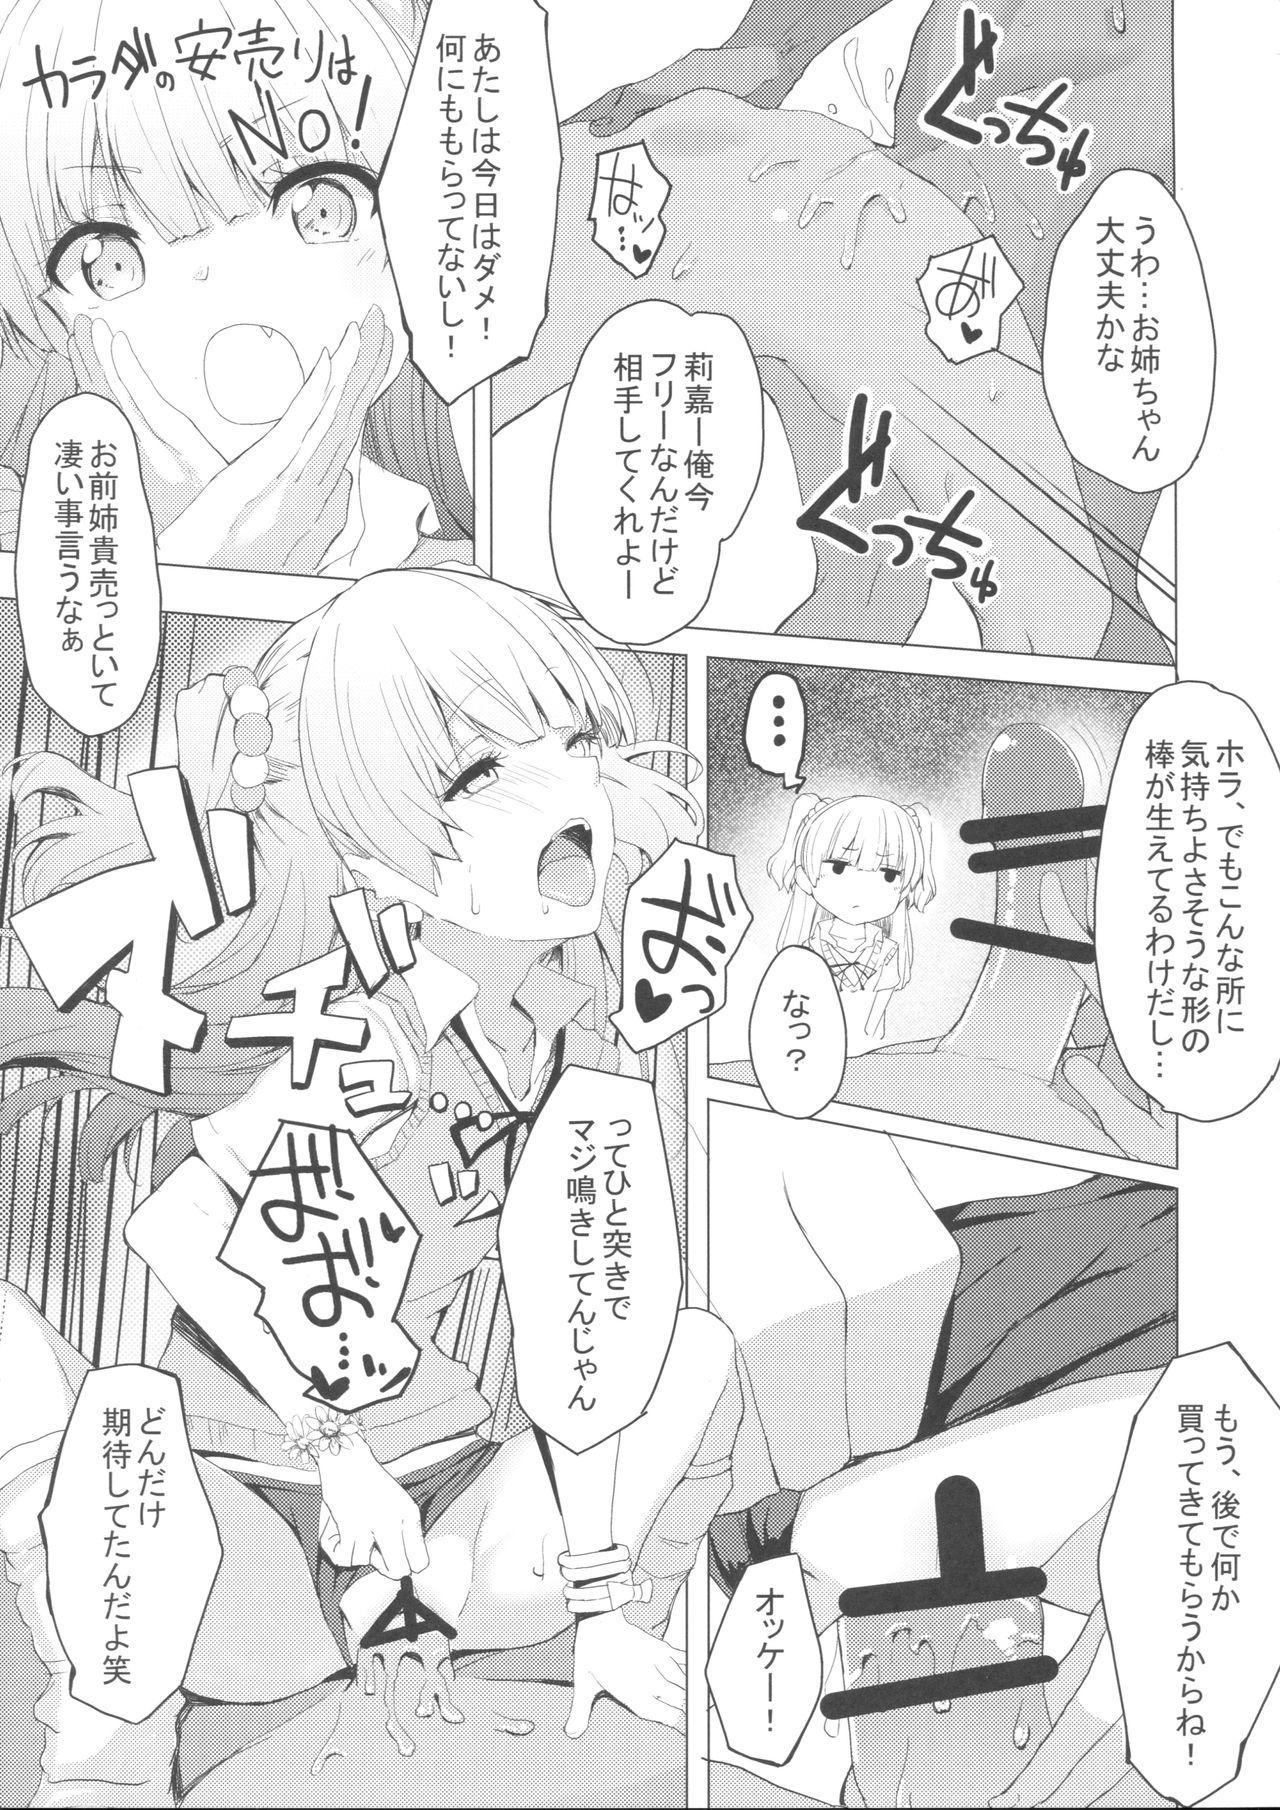 Danshi to Asobo 21